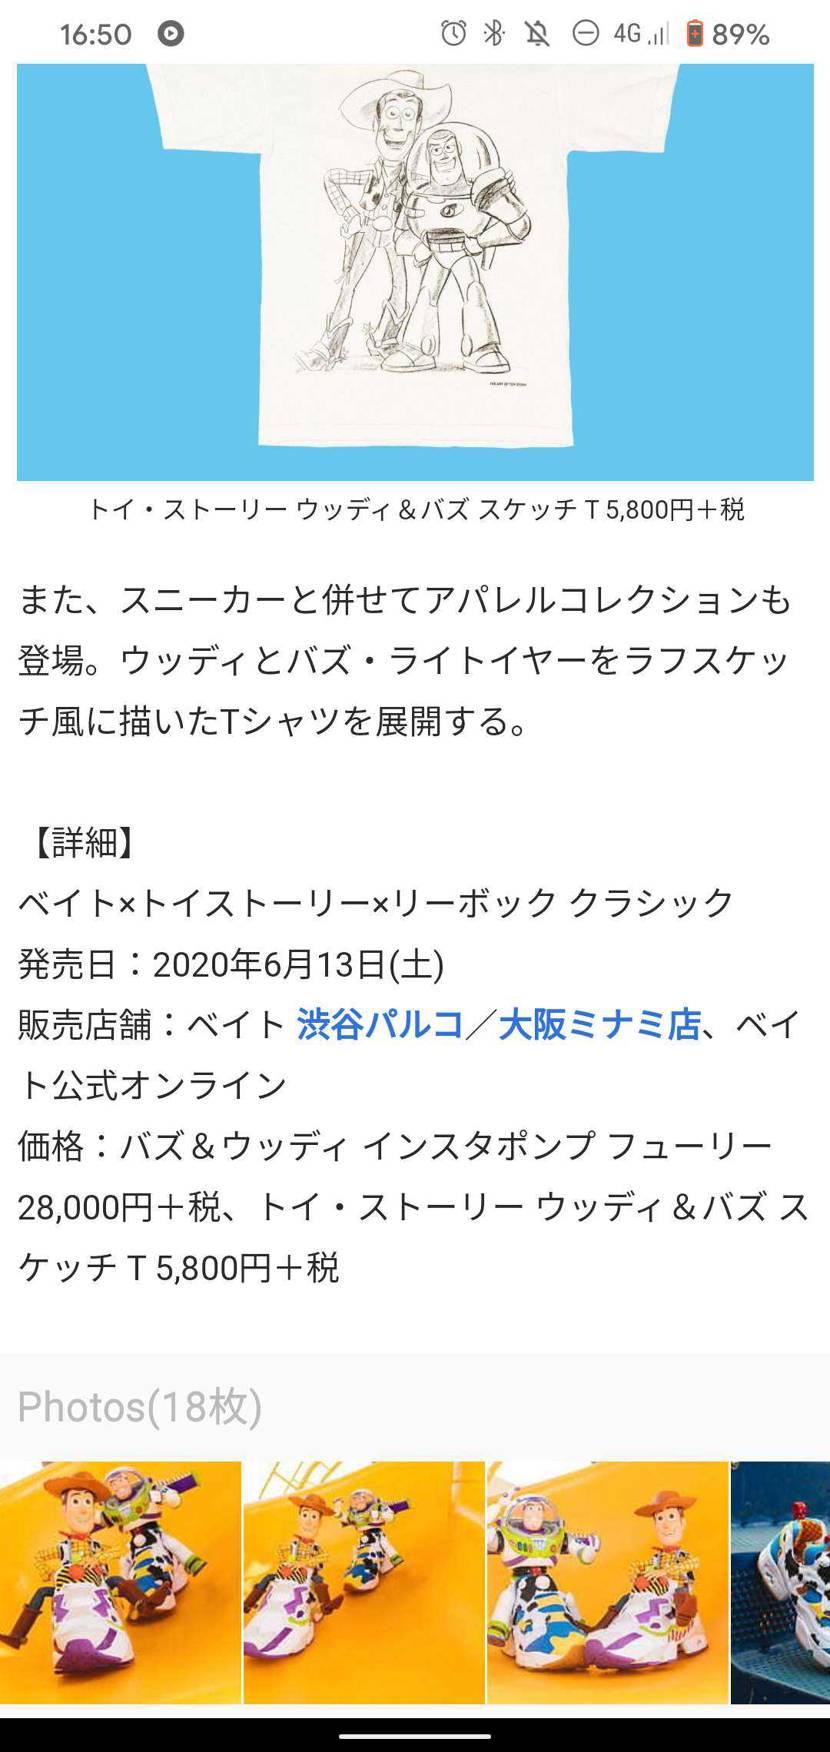 定価日本円高くないですかね。 $200なのに。 まあ買いますけど。